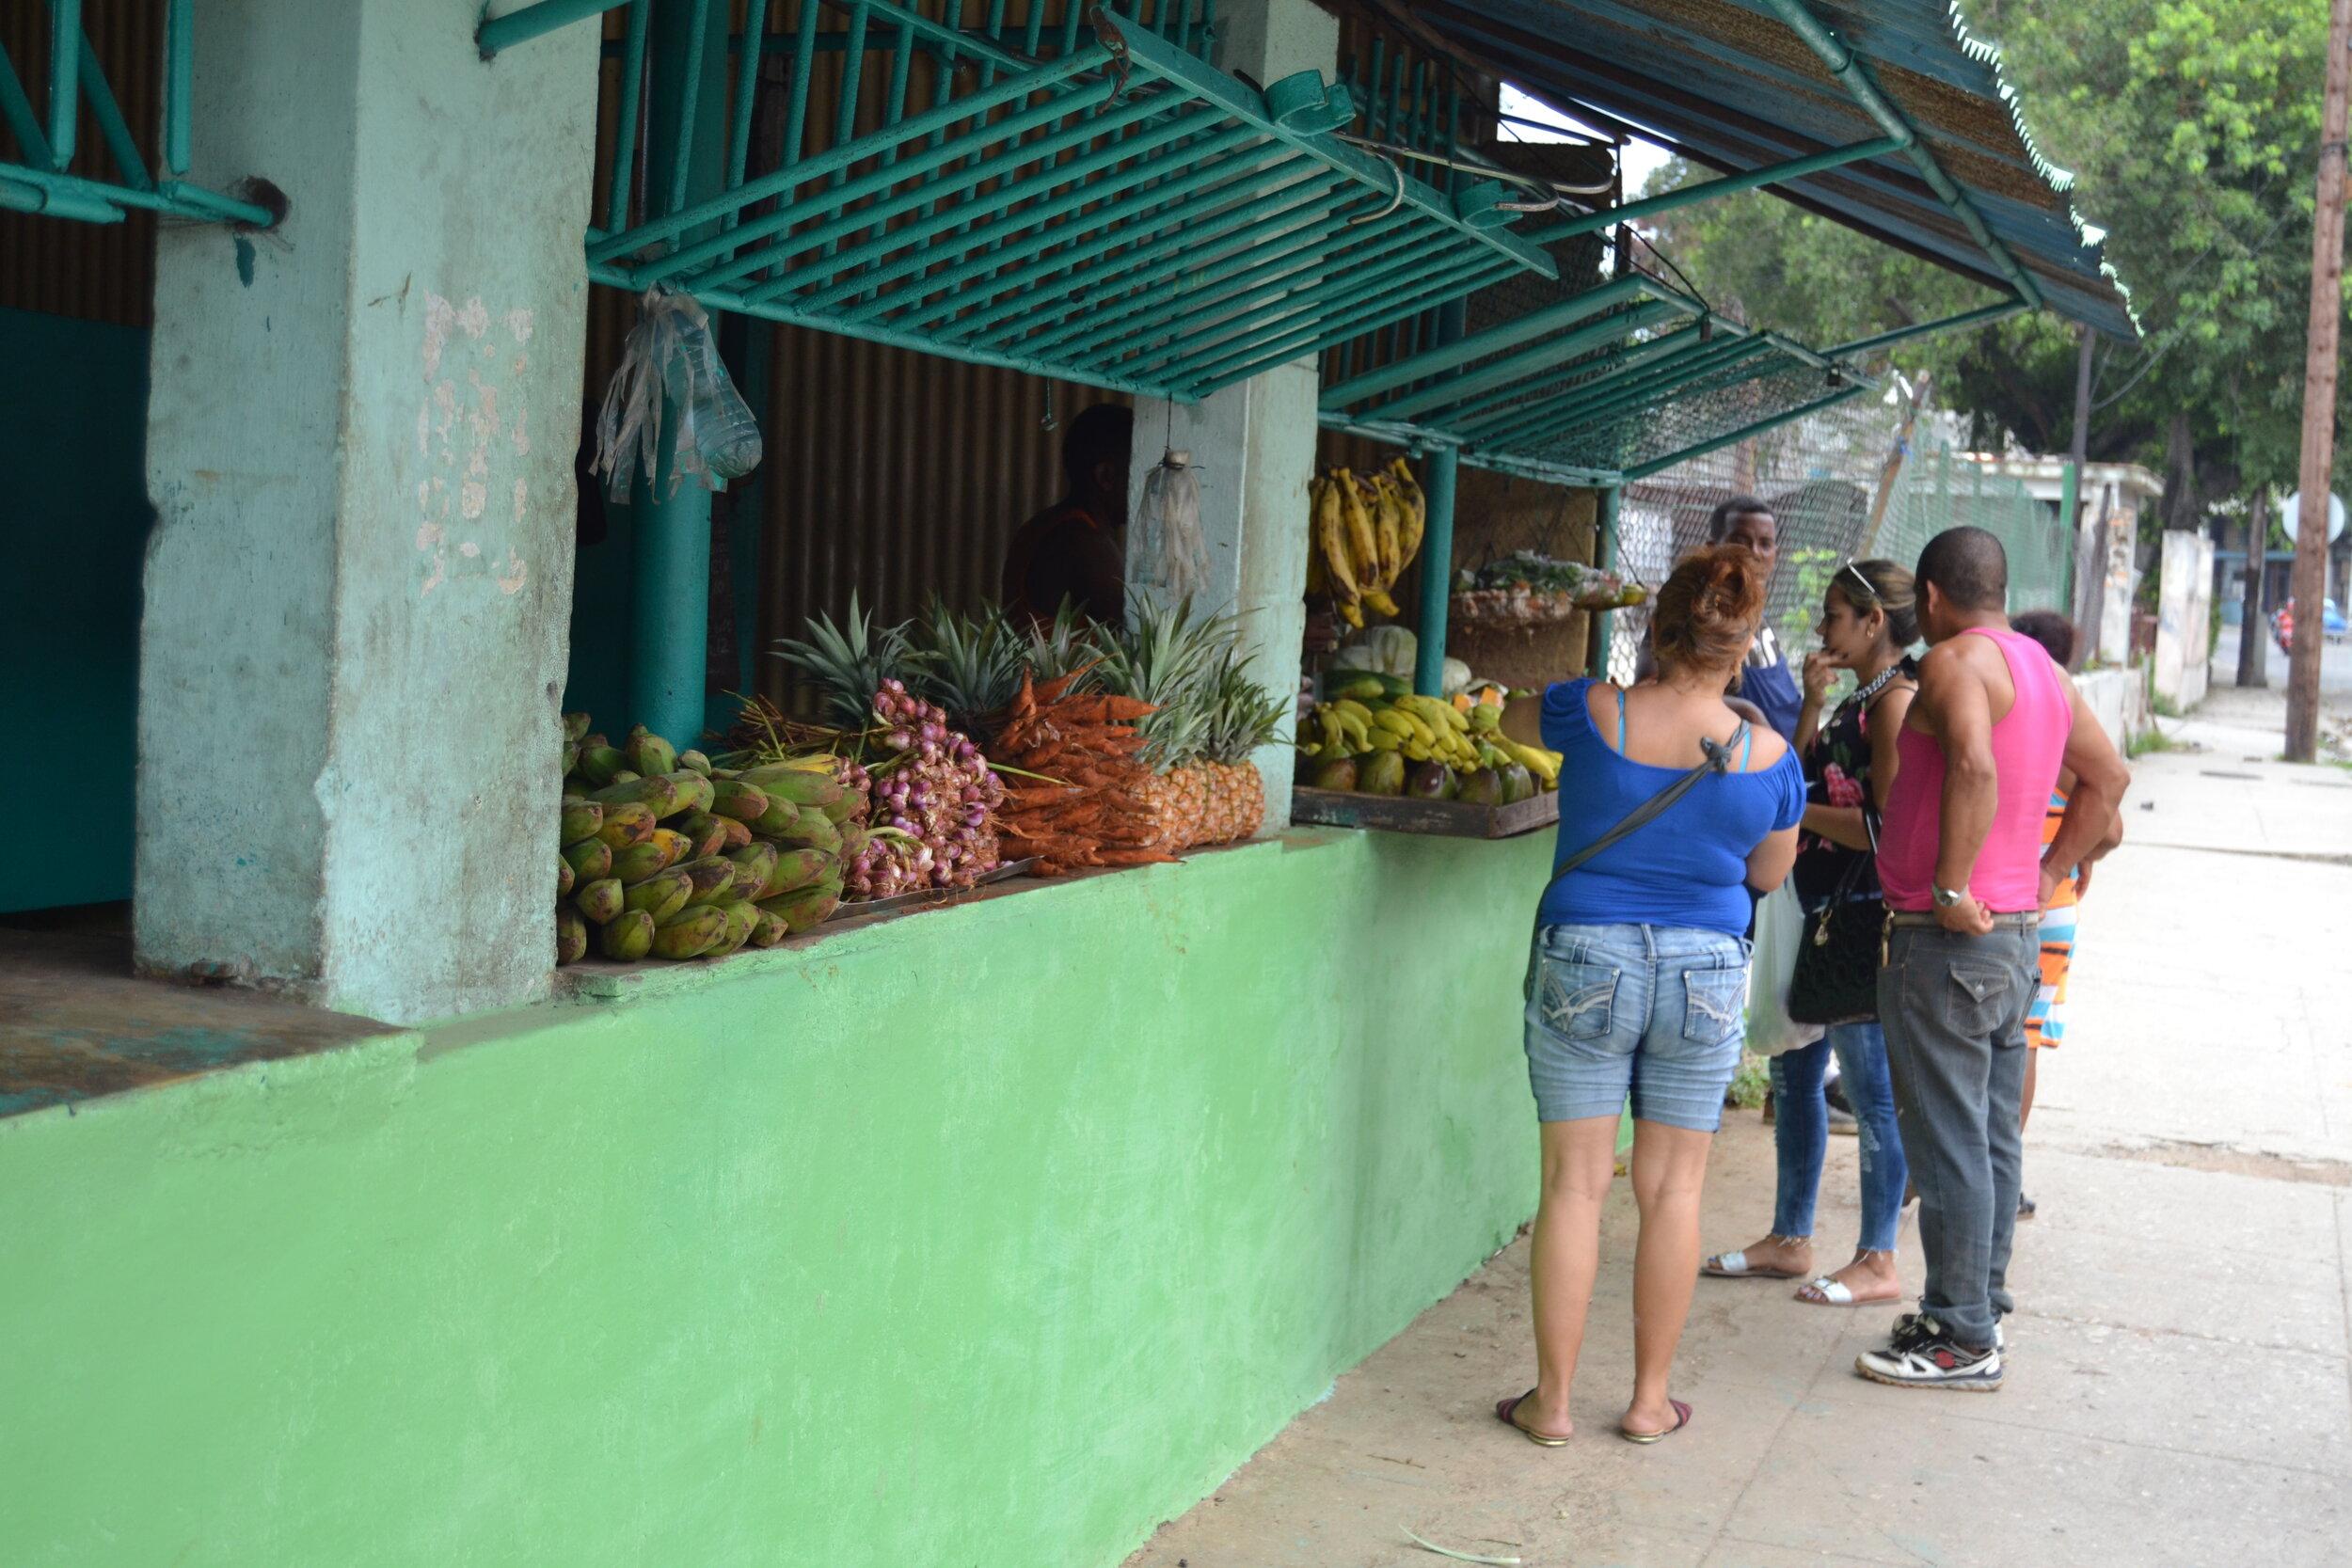 58 Diasporatt...Foto DAYANS LINEA La Habana Cuba(6 de julio 2018) Punto de venta Frutas y vegetales.JPG